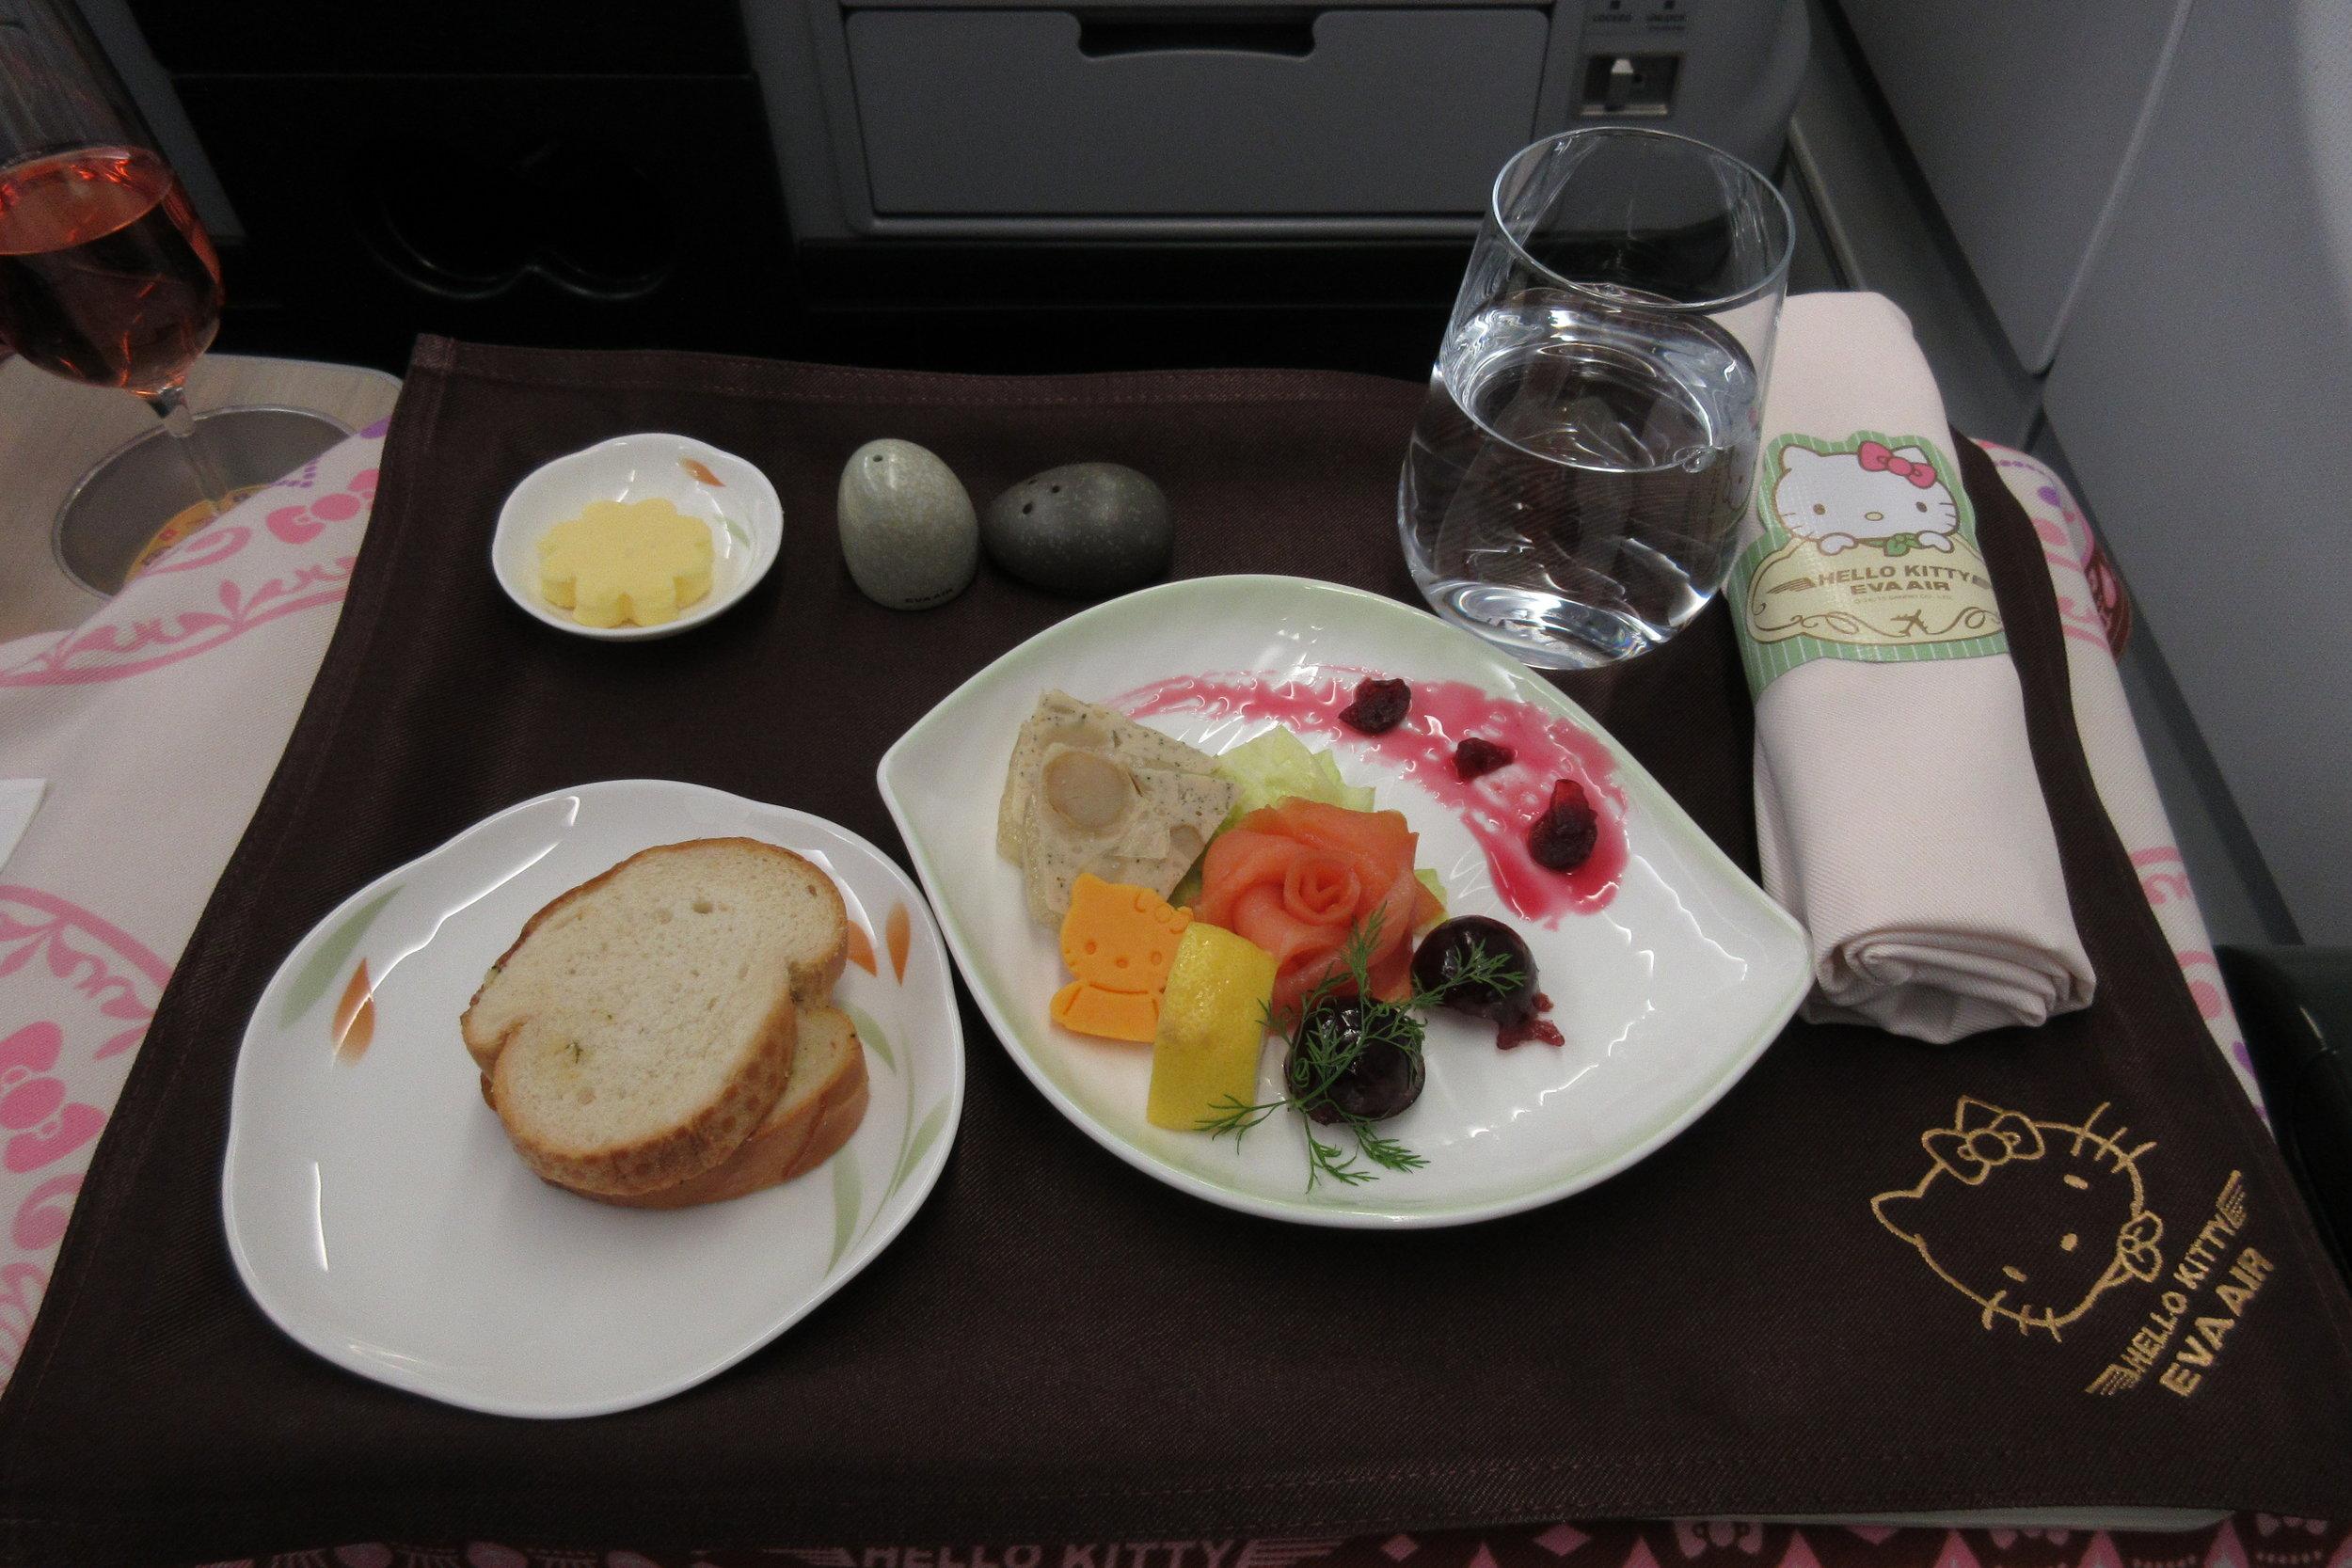 EVA Air regional business class – Hors d'oeuvre